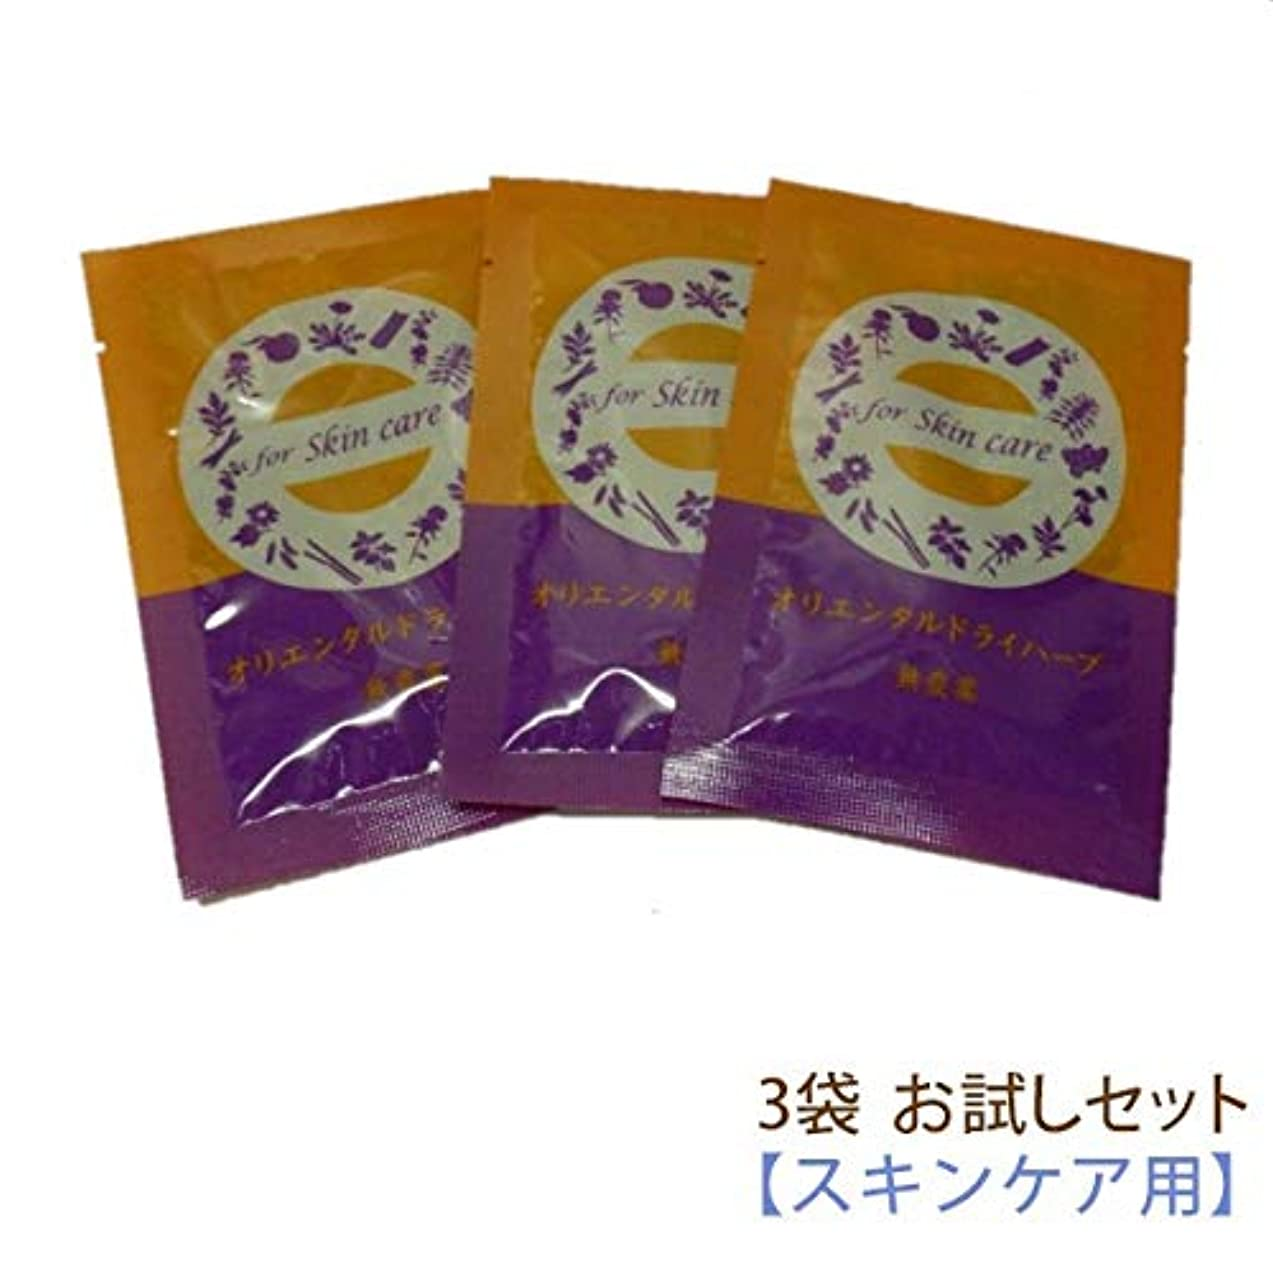 スマッシュ聞きますトムオードリースファンジン黄土 座浴剤 3袋 正規品【お試しセット】 (皮膚美容用)